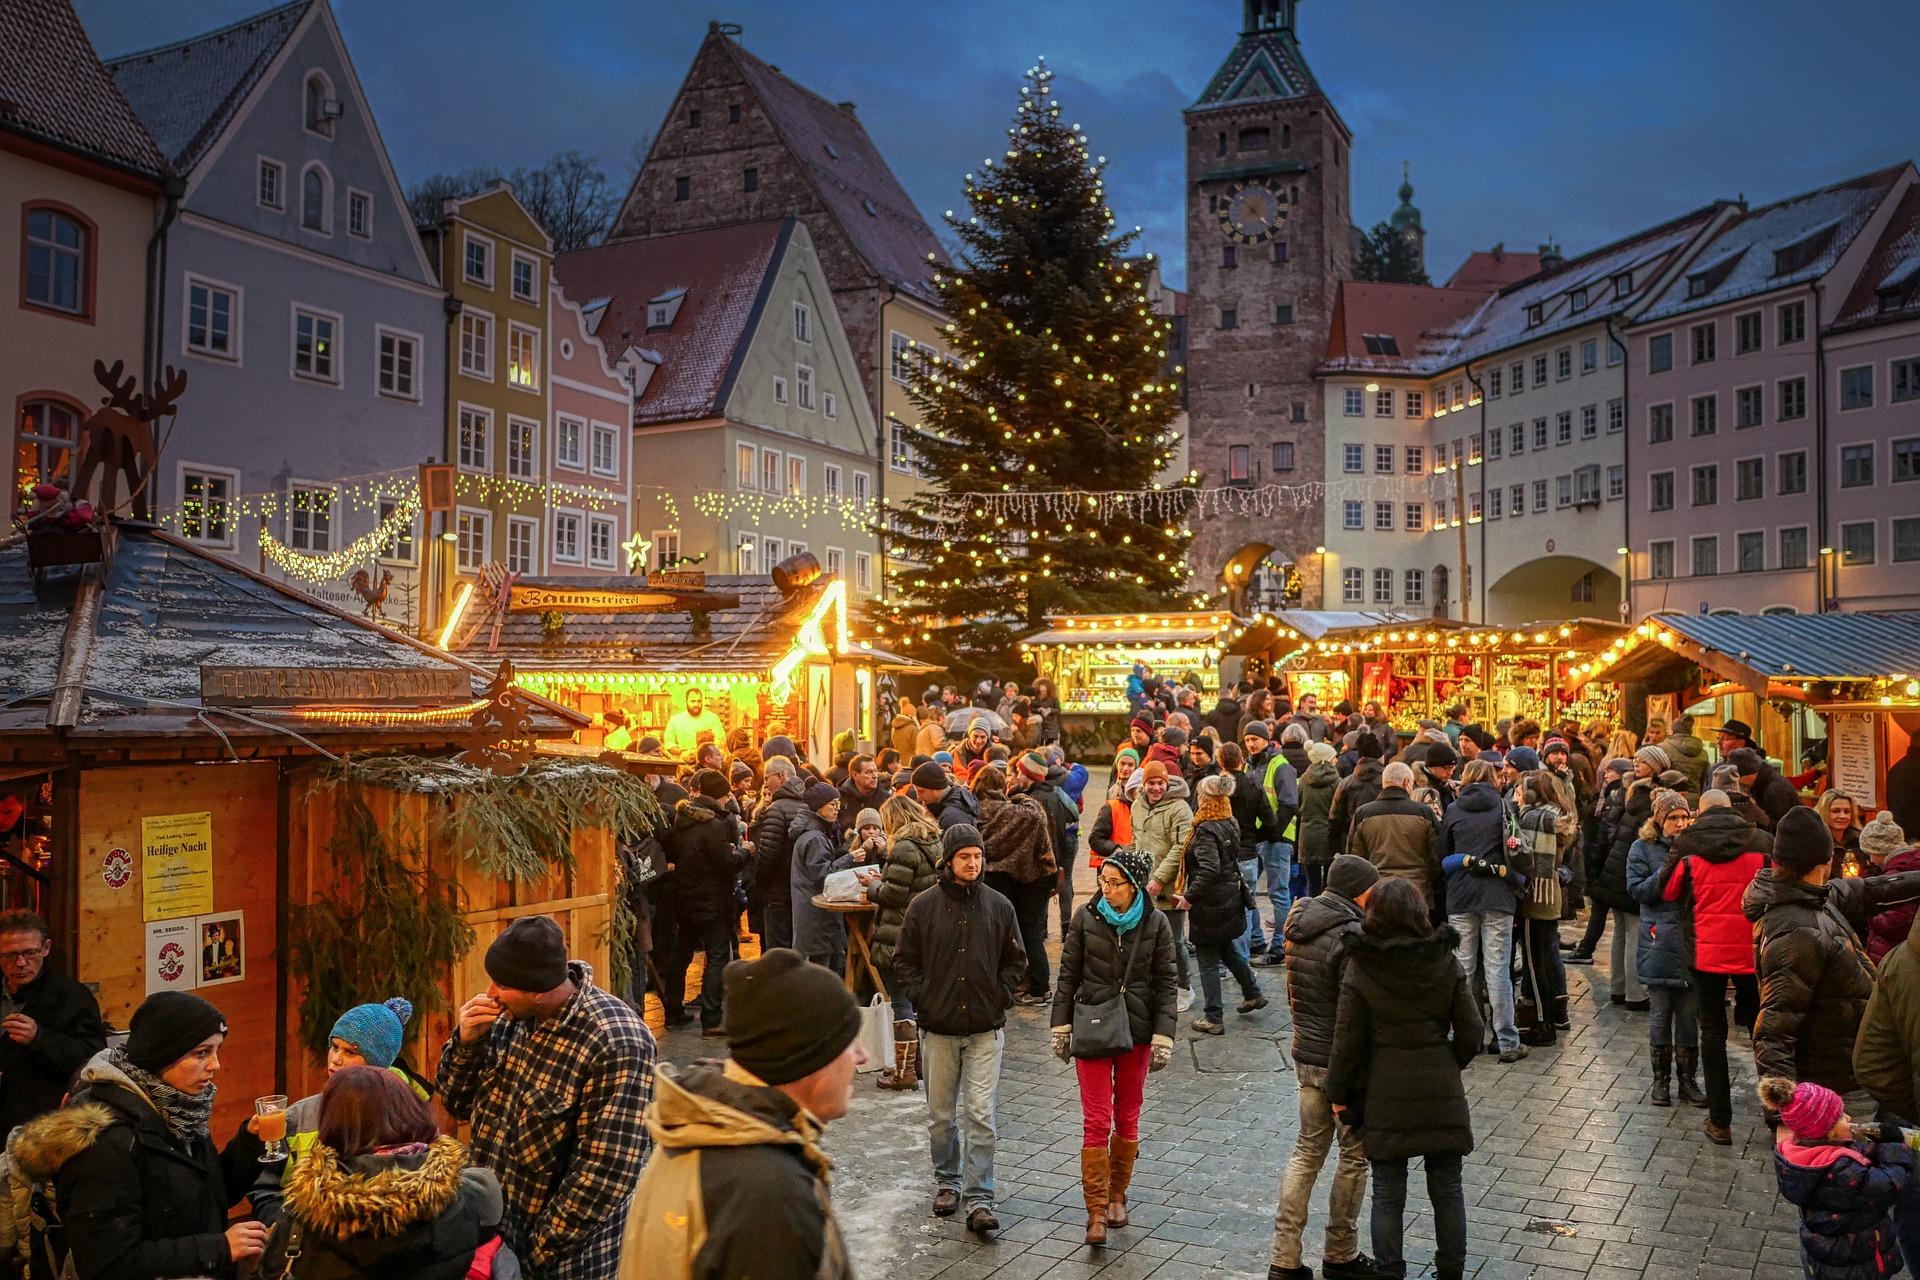 Immagine di stock di un mercatino natalizio con albero di Natale